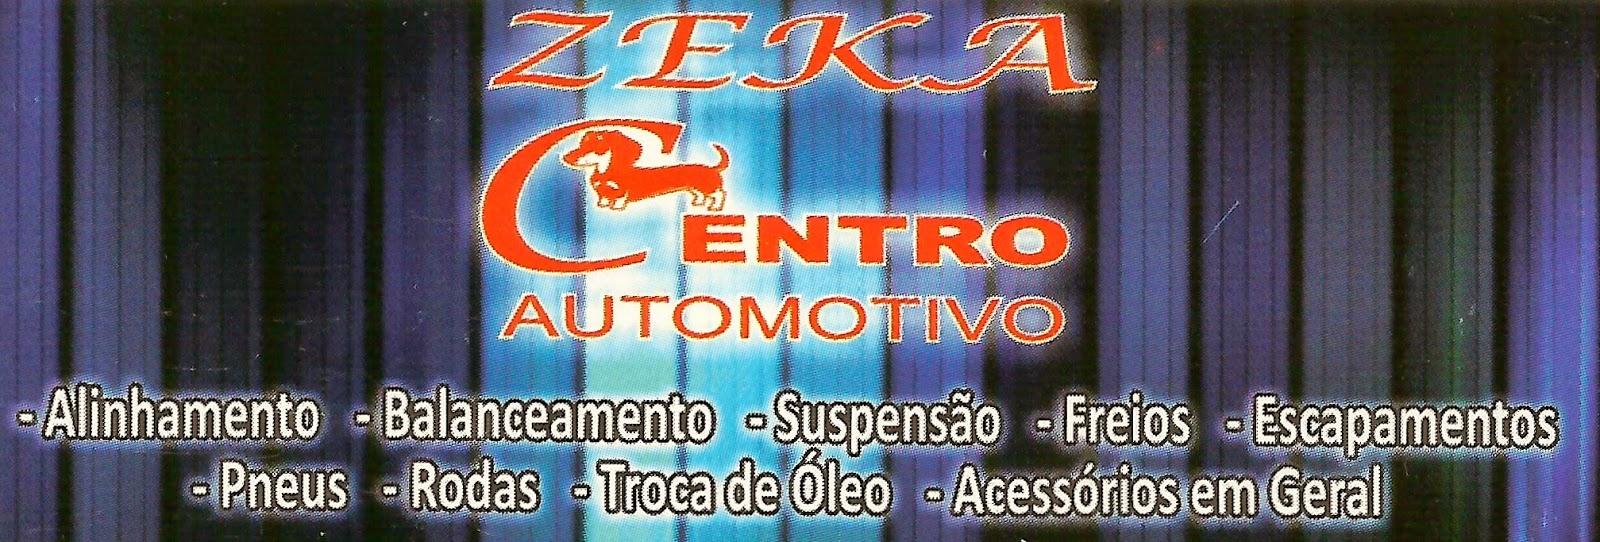 ZECA CENTRO AUTOMOTIVO Rua. Prof. Alexandre Chauar, 574 Sarapuí - SP e-mail: zecabrasil@hotmail.com tel: (15) 99729-0912